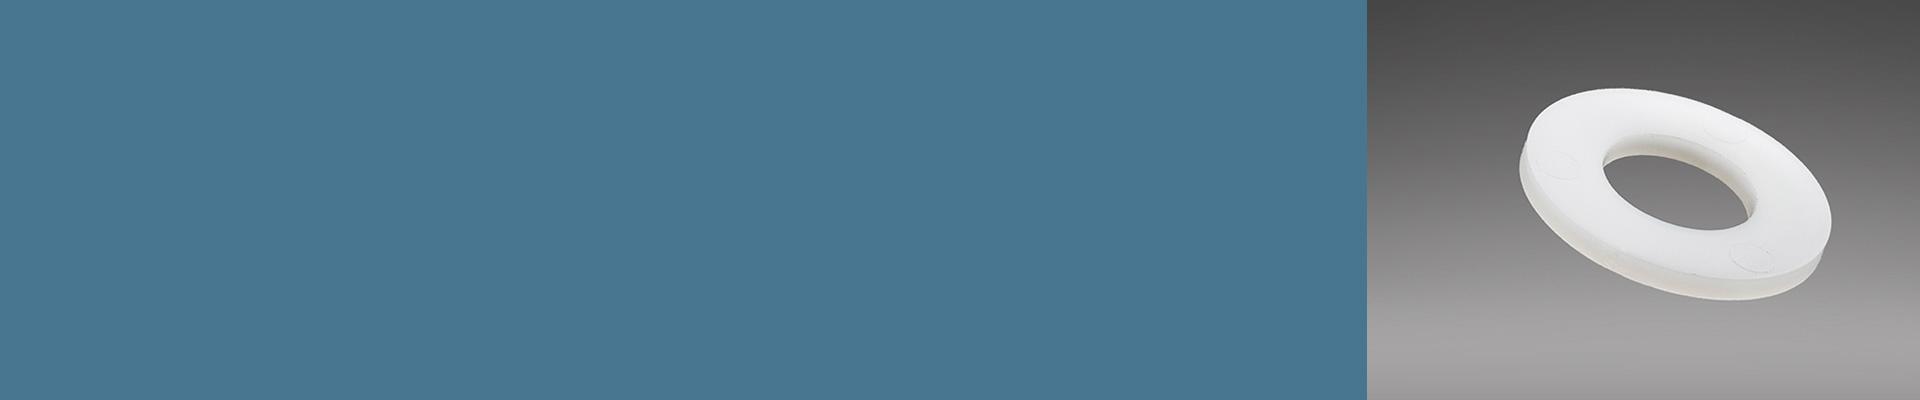 Isolier- Unterlegscheiben & Isolierbuchsen Kunststoff ★